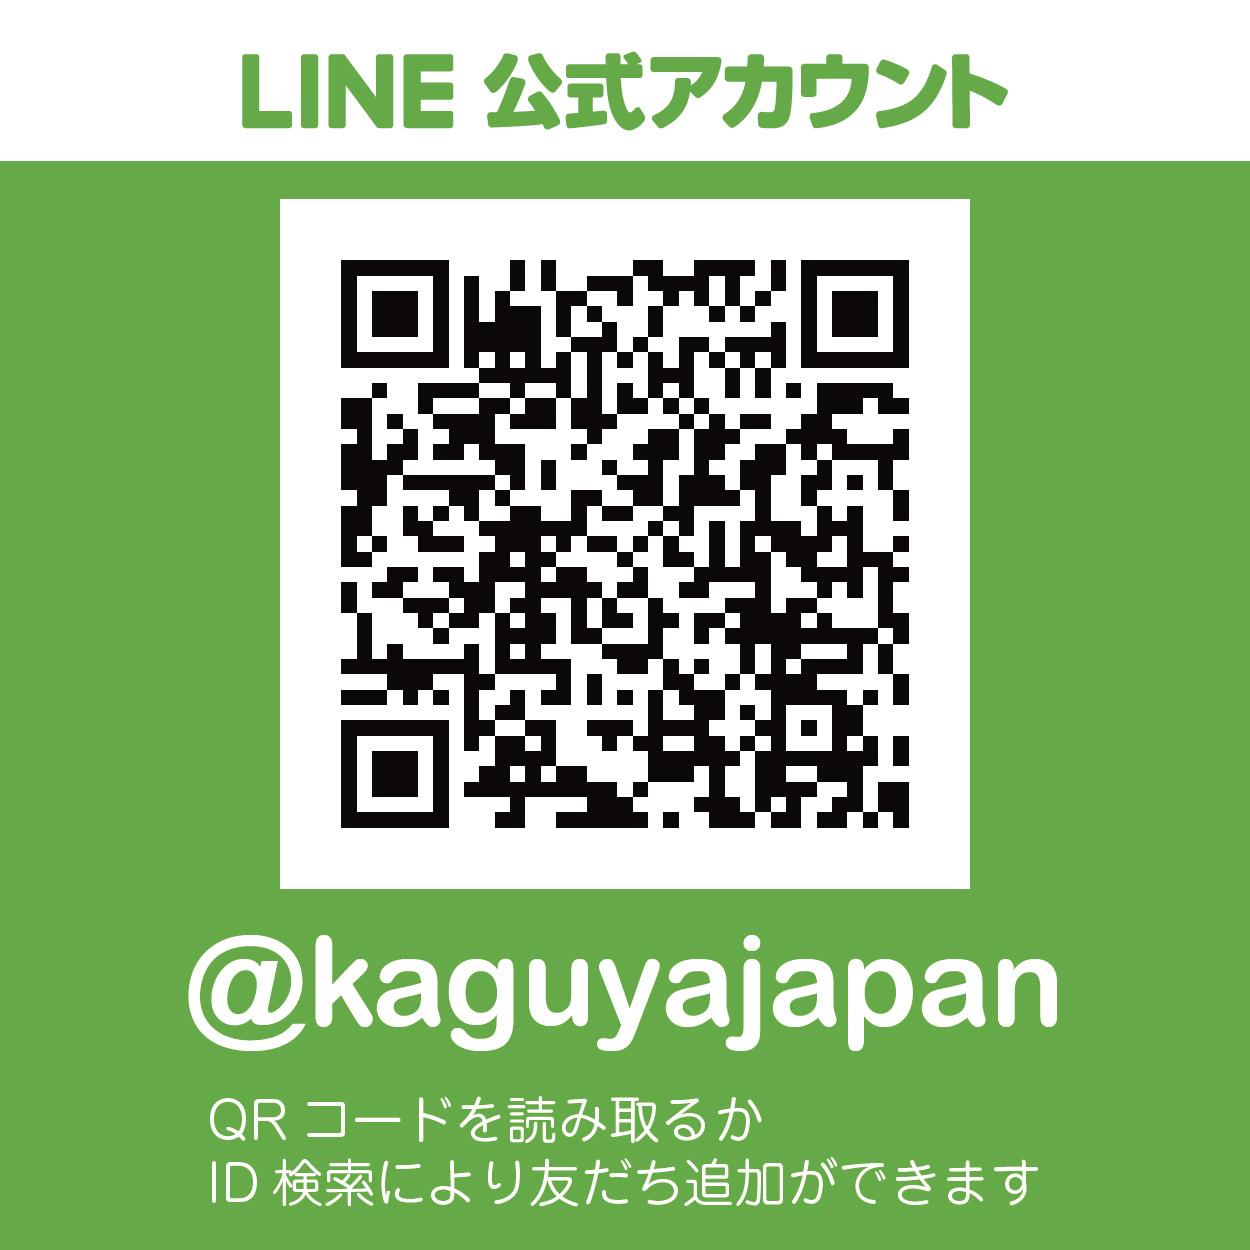 家具の宝島LINEバナー